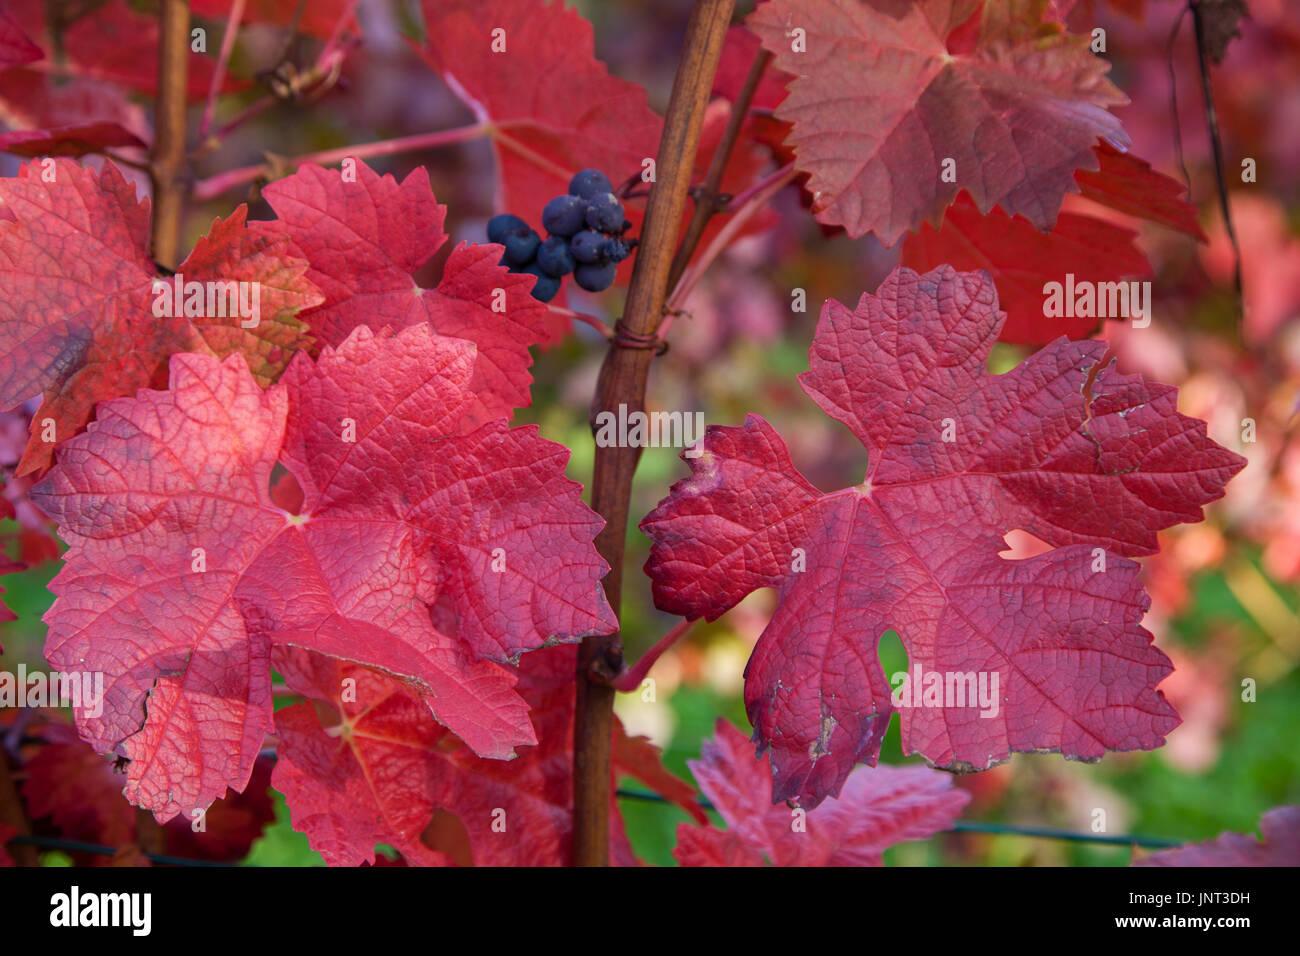 Herbstimpressionen, rot gefaerbte Weinblaetter, Schweich, Mittelmosel, Rheinland-Pfalz, Deutschland, Europa | Autumn impressions, red coloured wine le - Stock Image